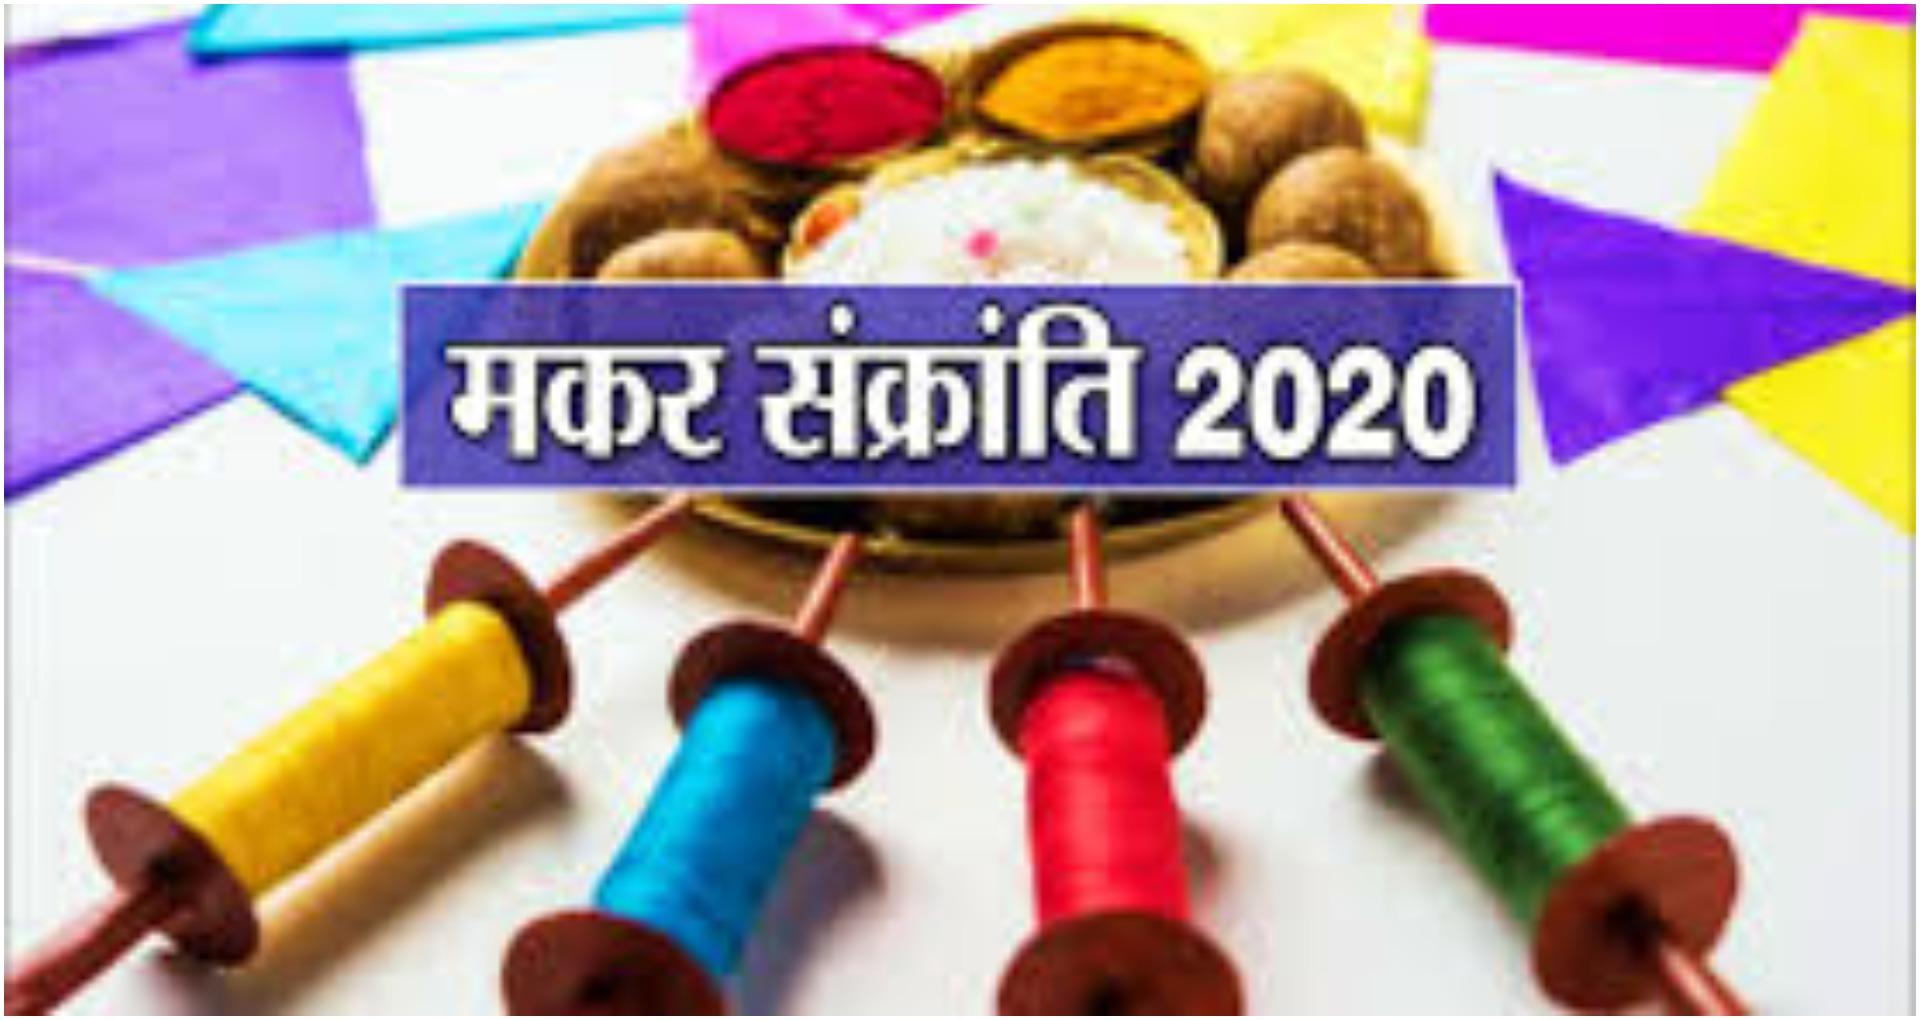 Makar Sankranti 2020 Wishes: मकर संक्रांति पर अपने चाहने वालों को ये मैसेज भेजकर दें शुभकामनाएं